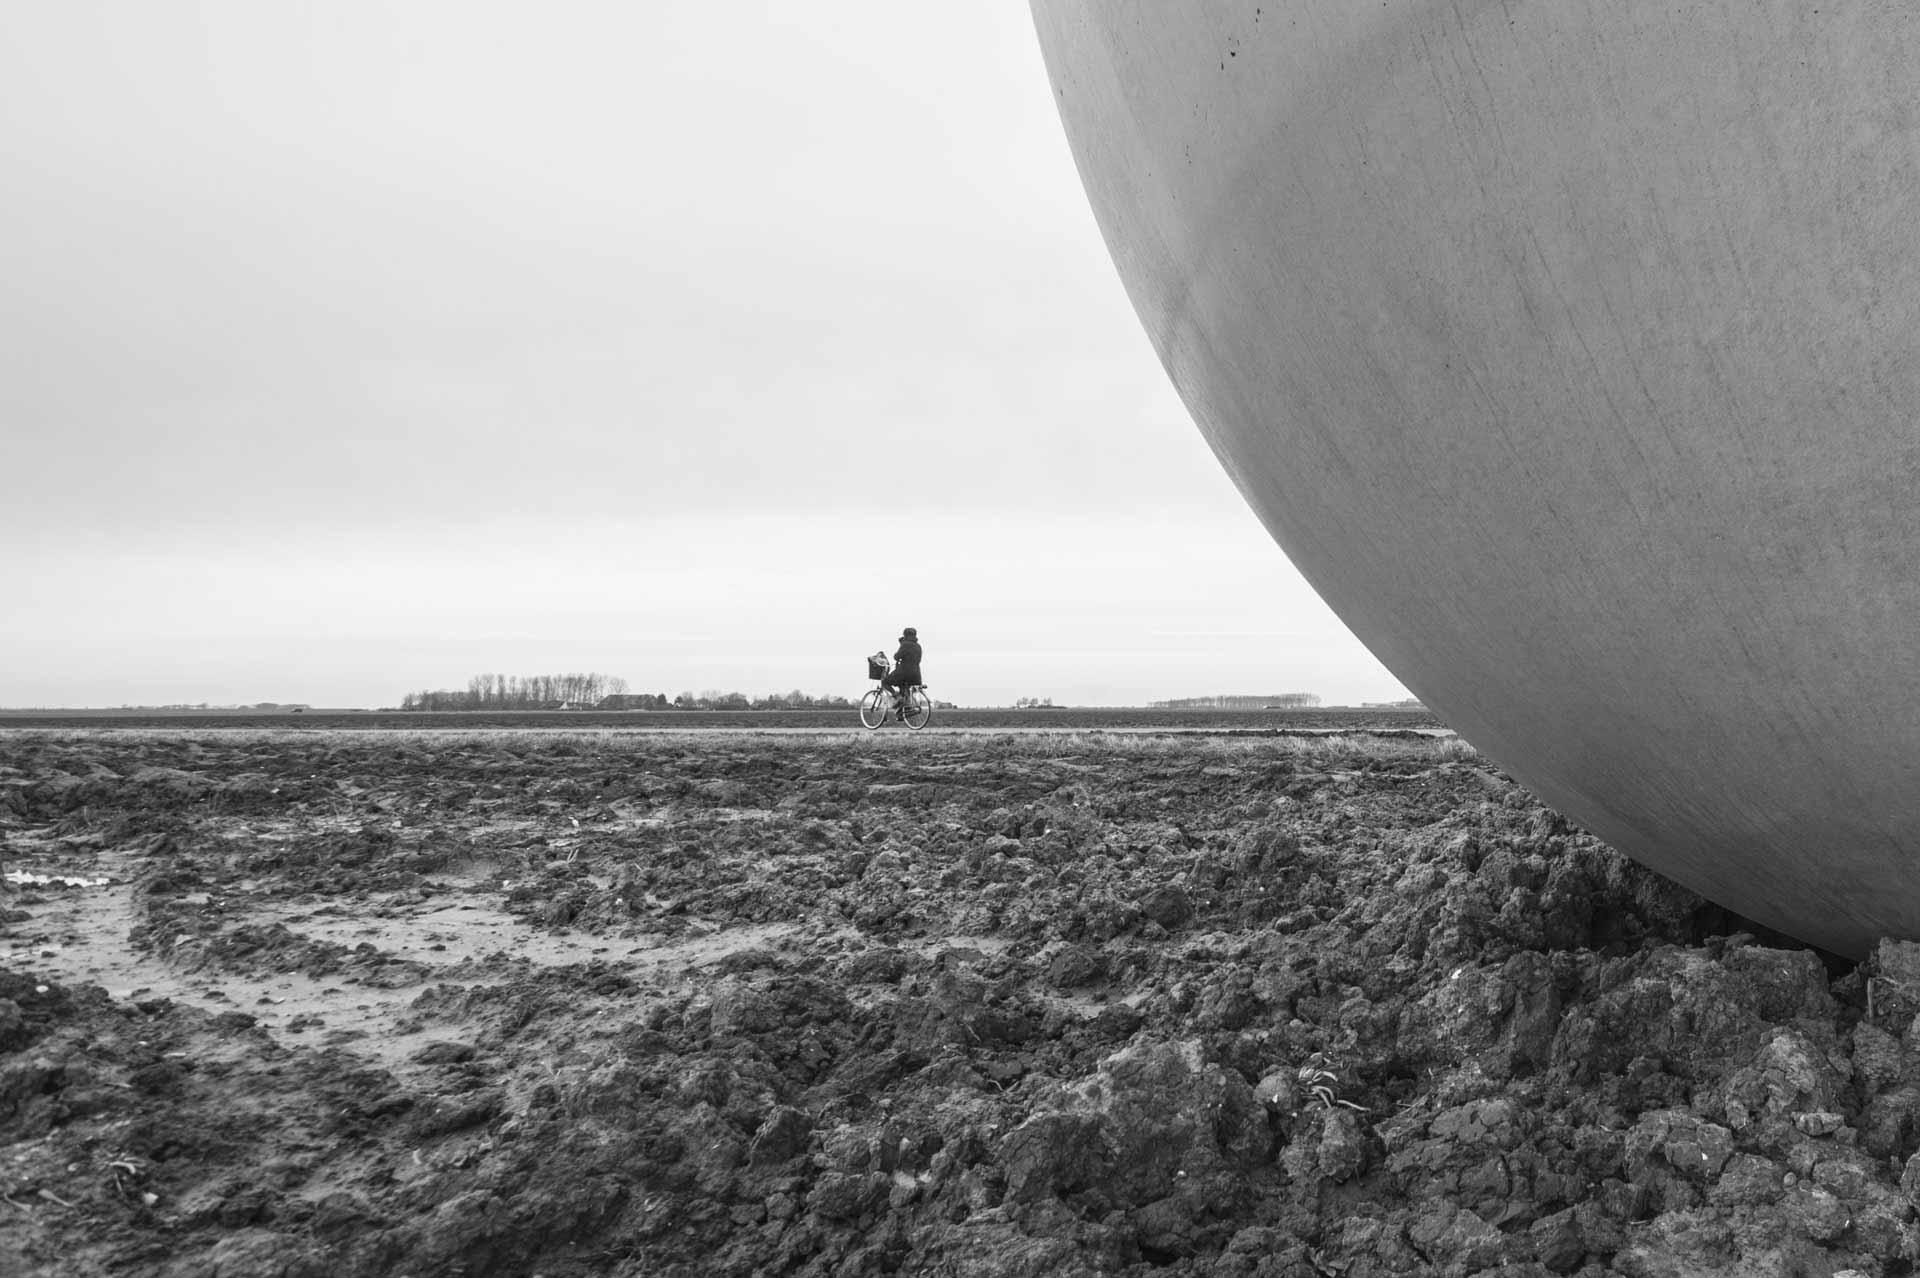 Like suns setting, three meters above true level  LandArt in de Wilhelminapolder 2013  Planning realisatie: 2013 Het weidse landschap van de Koninklijke Maatschap de Wilhelminapolder ten noorden van Goes wordt na de zomer het decor van unieke landschapskunst. In augustus en september wordt het kunstwerk 'Like suns setting three meters above true level' van de Duitse kunstenaar Michael Beutler geplaatst. Het beeldbepalende kunstwerk bestaat uit negen, visueel met elkaar samenhangende betonnen sculpturen, die over ruim duizend hectare landbouwgrond van de maatschap verspreid staan. Het meest westelijke beeld is hemelsbreed ongeveer zeven kilometer verwijderd van het meest oostelijke beeld. De hoogste sculptuur is tien meter en de laagste meet één meter (vanaf maaiveld); deze hoogste en laagste sculptuur staan op het respectievelijk laagste en hoogste punt van het gebied. Staand bij een van de negen grijswitte, bolvormige sculpturen is vanaf die plek één ander beeld waar te nemen. Vanaf de Deltaweg (N256) zijn vier of vijf sculpturen goed te zien. Ook bij het Goese Sas kan het kunstwerk 'beleefd' worden. Het is de bedoeling van de kunstenaar om de toeschouwer bewust te maken van het landschap en van de hoogteverschillen daarin. Photo © Eddy Westveer www.eddywestveer.com All rights reserved  This photo and more are available in high resolution.